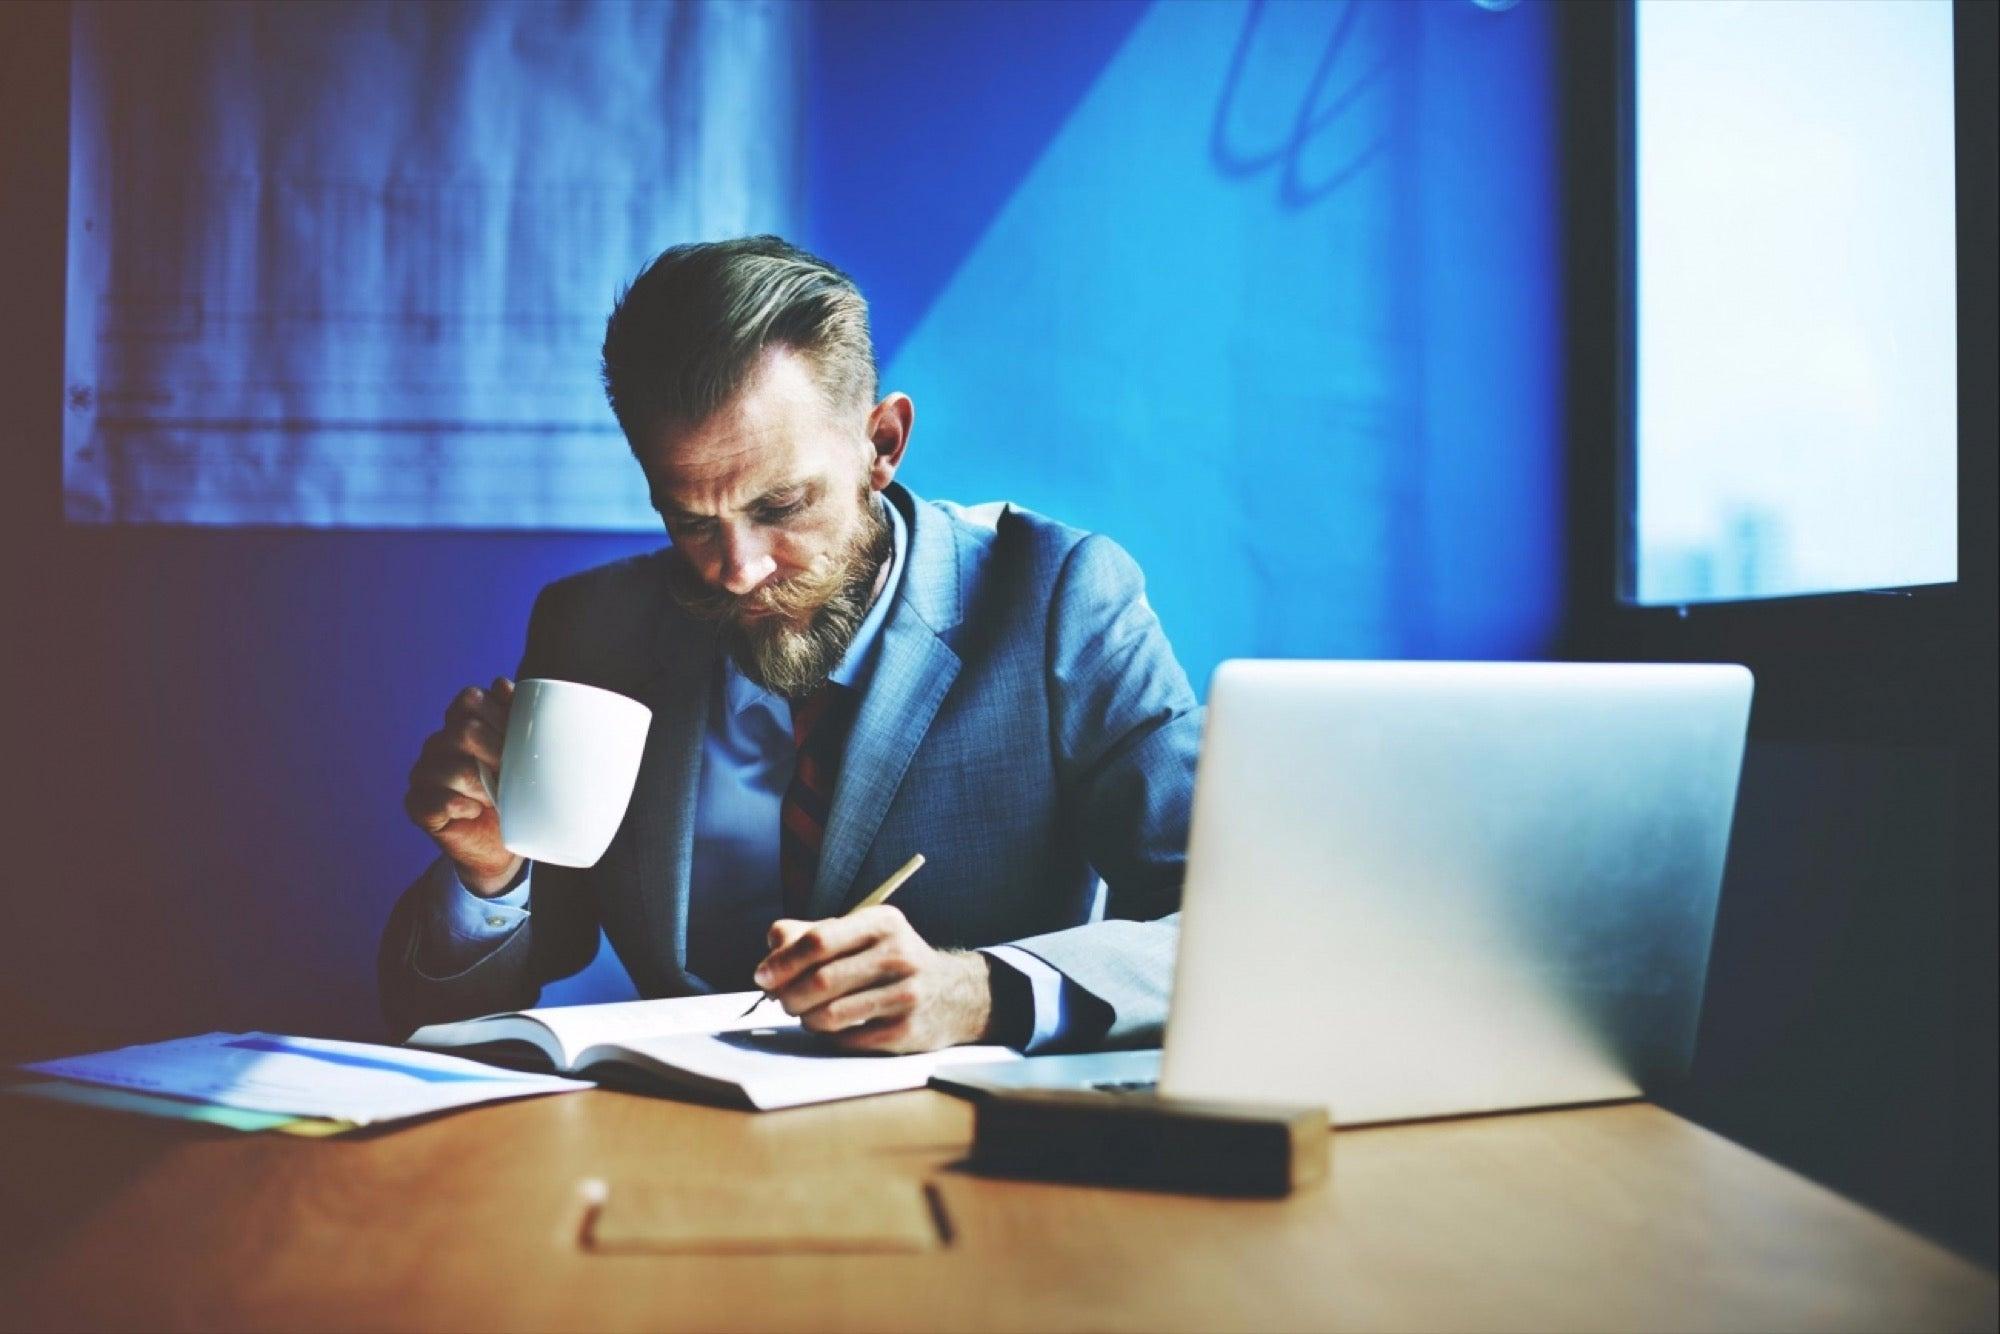 Création d'entreprise : C'est quoi cette taxe ?